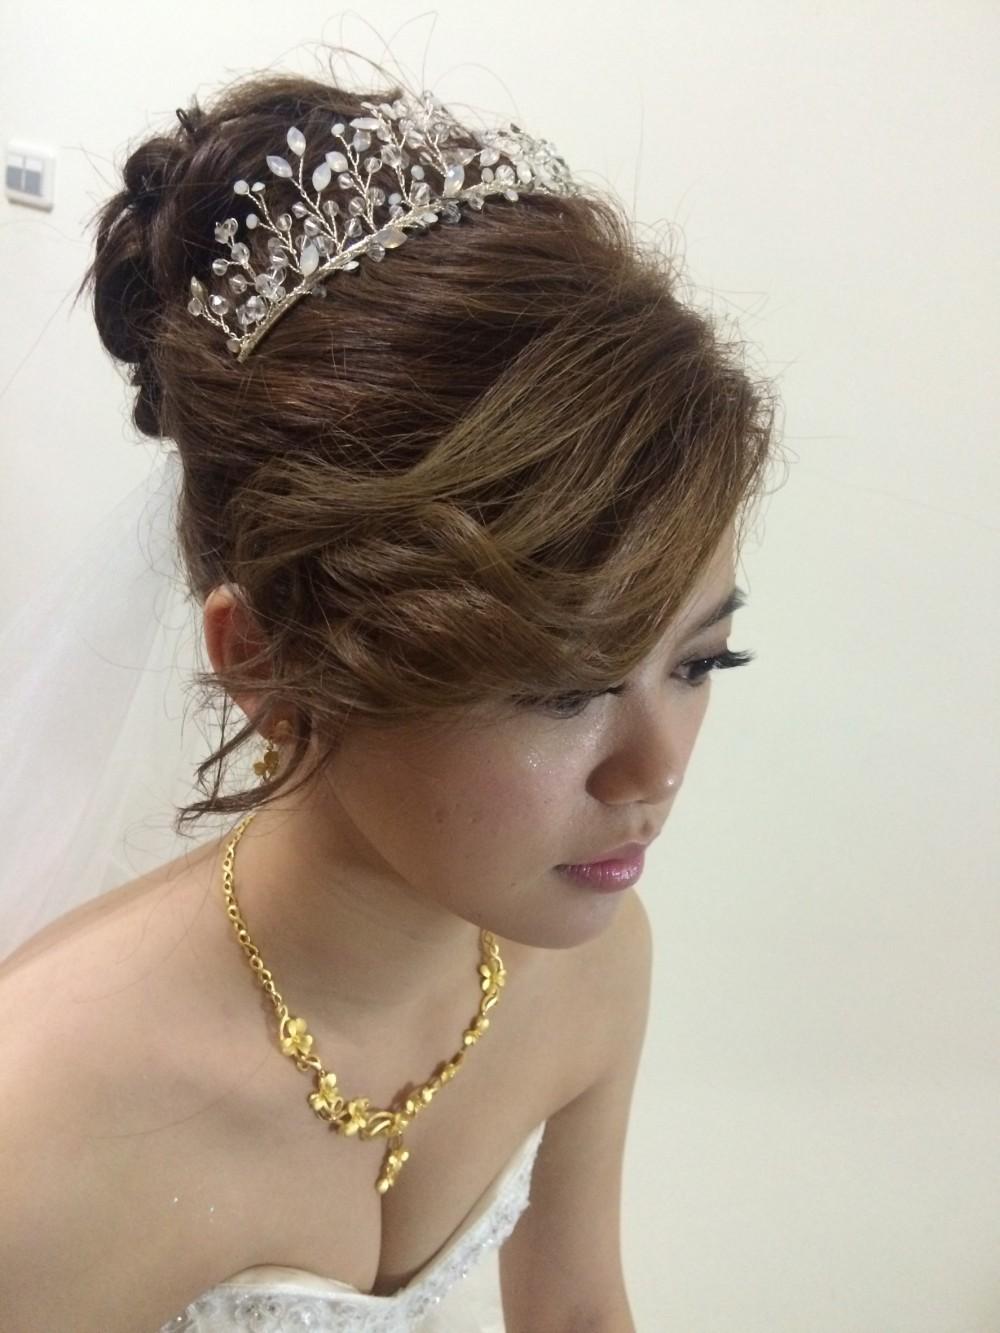 水晶頭飾|高盤髮頭紗|新娘迎娶造型-新秘ADi